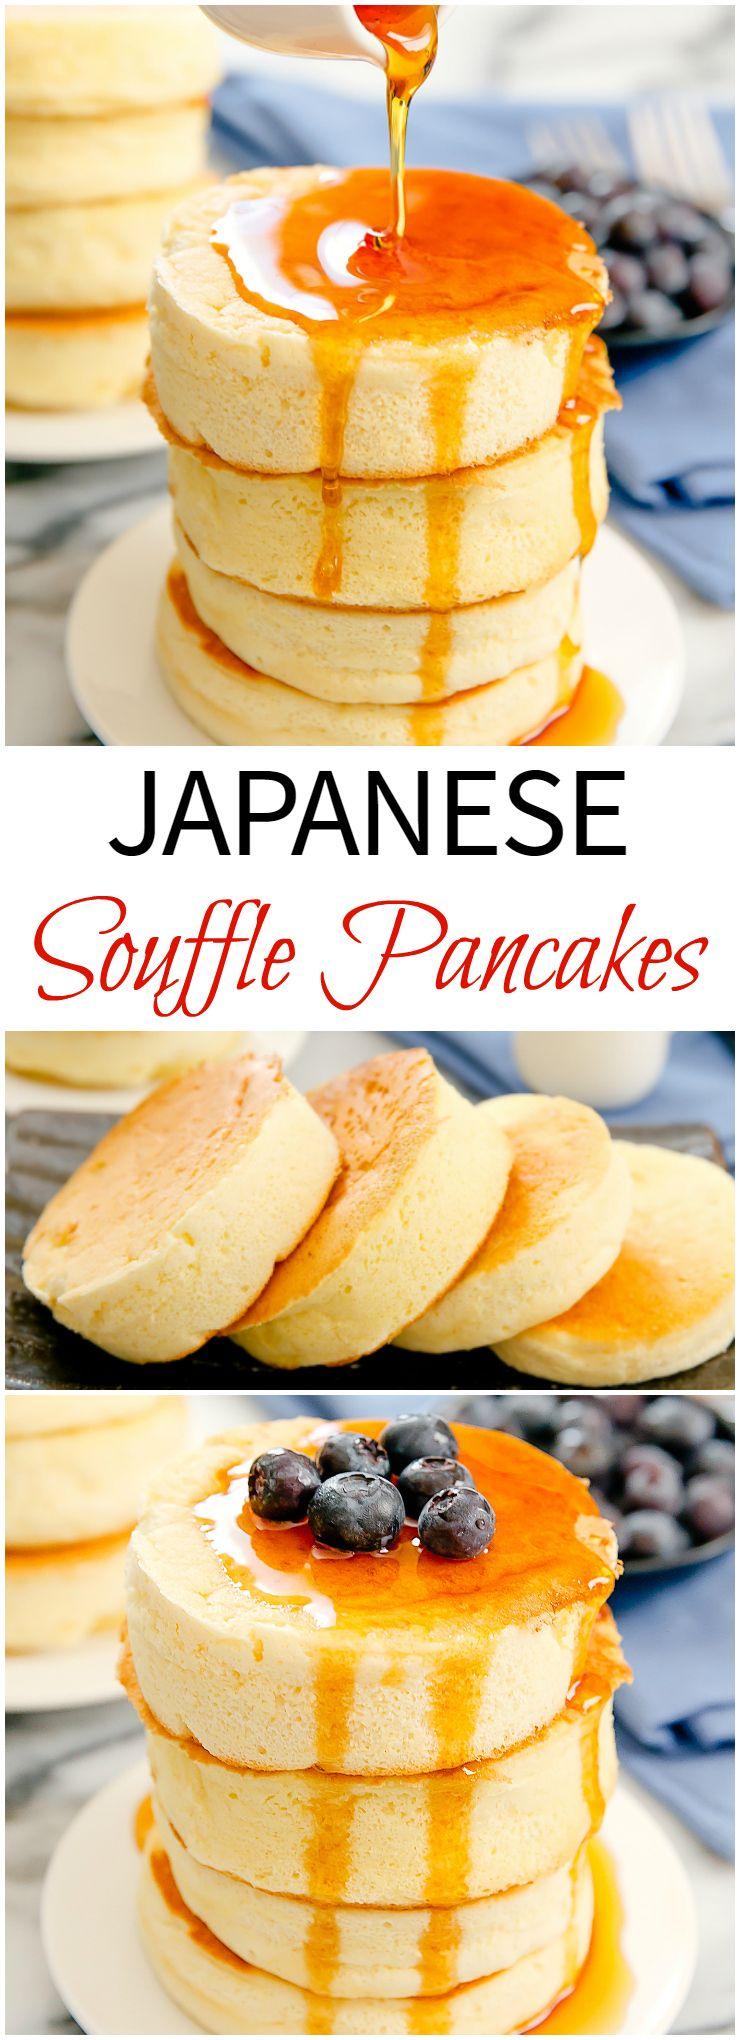 Japanese souffle pancakes recipe souffle pancakes pancakes japanese souffle pancakes ccuart Choice Image